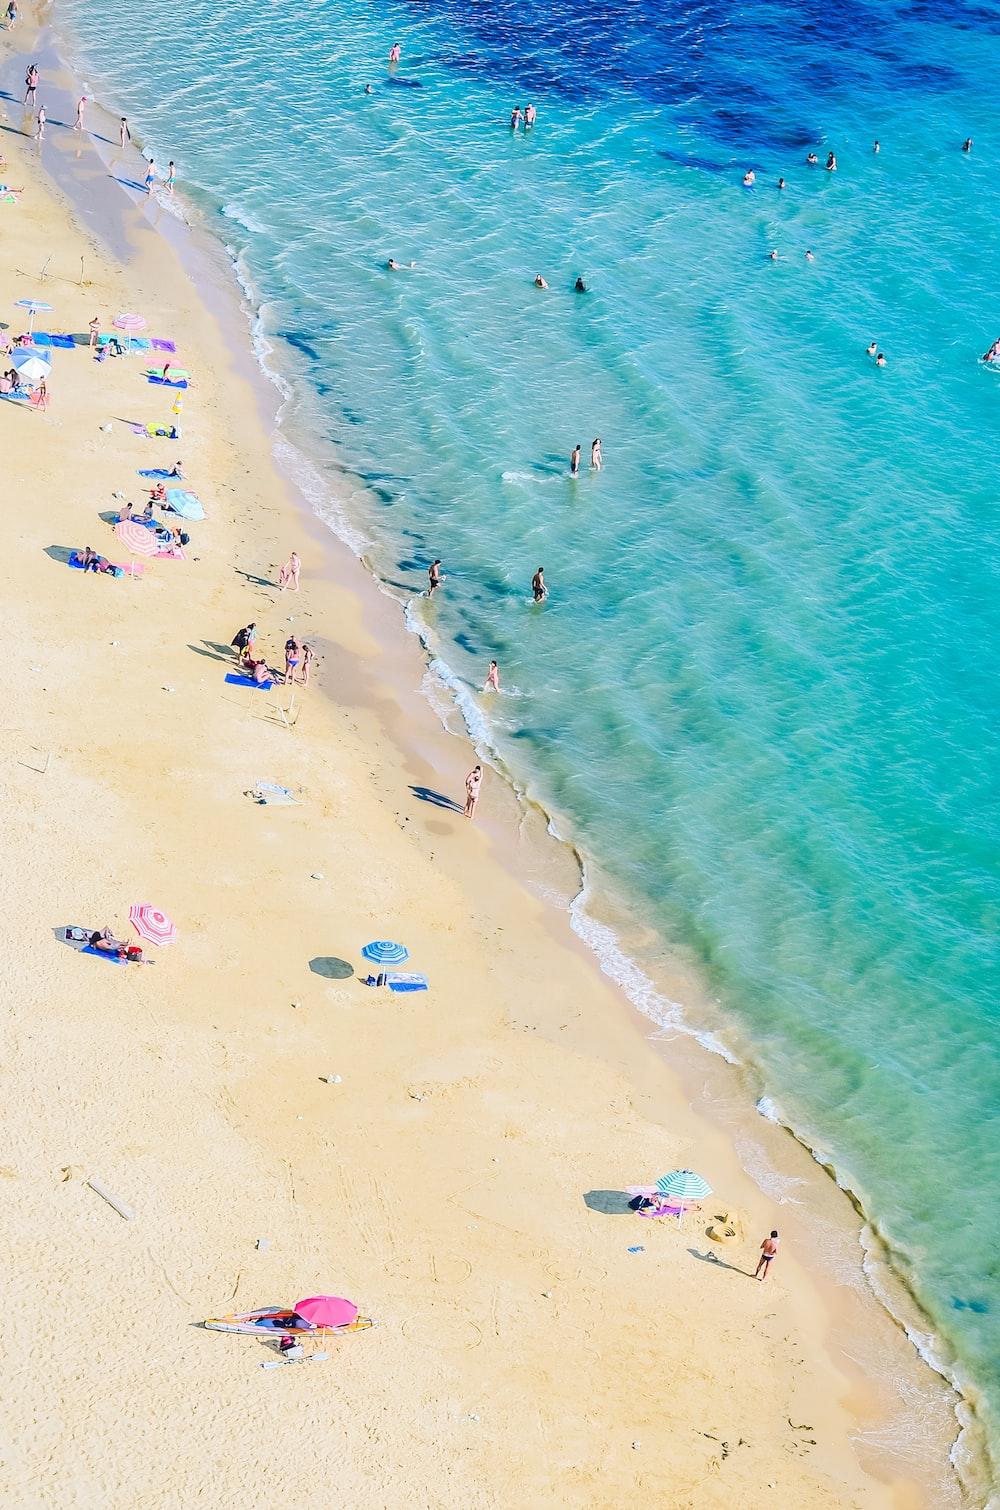 fotografia aerea di persone sulla spiaggia